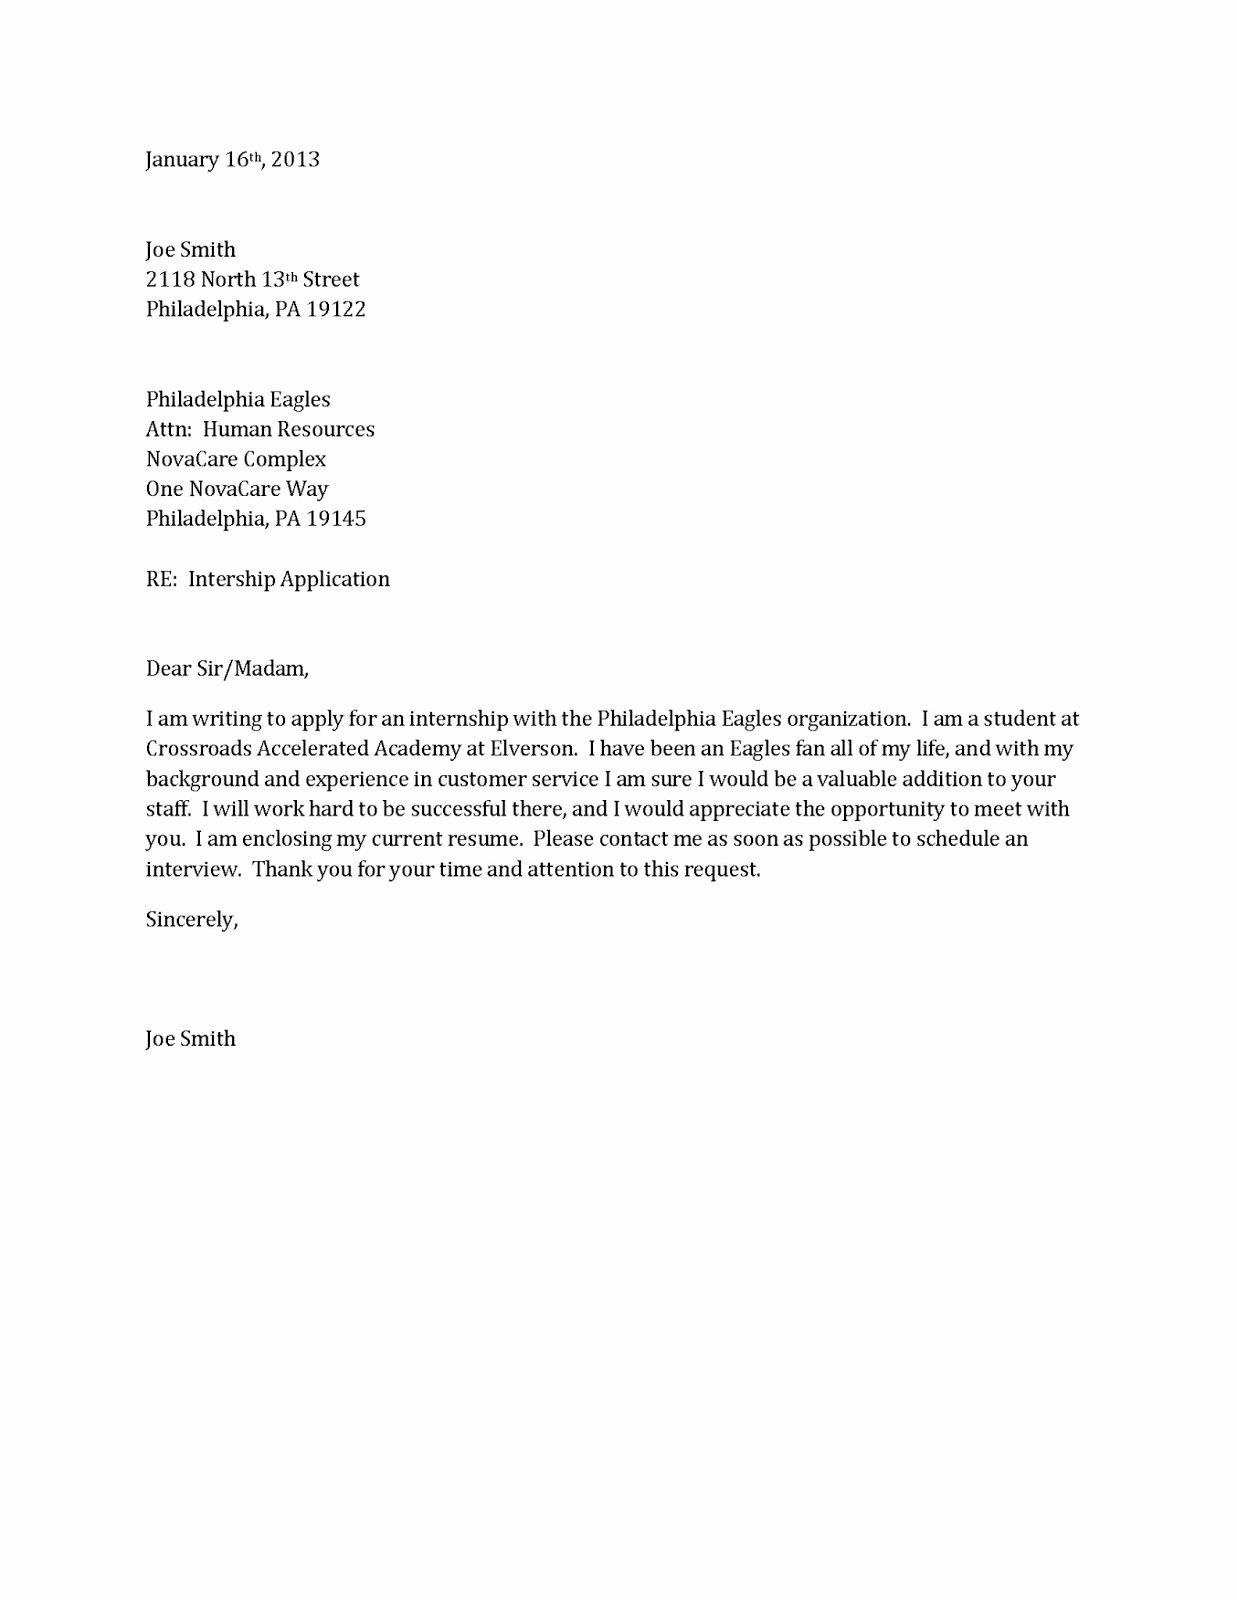 Resume Cover Letter Examples Homework